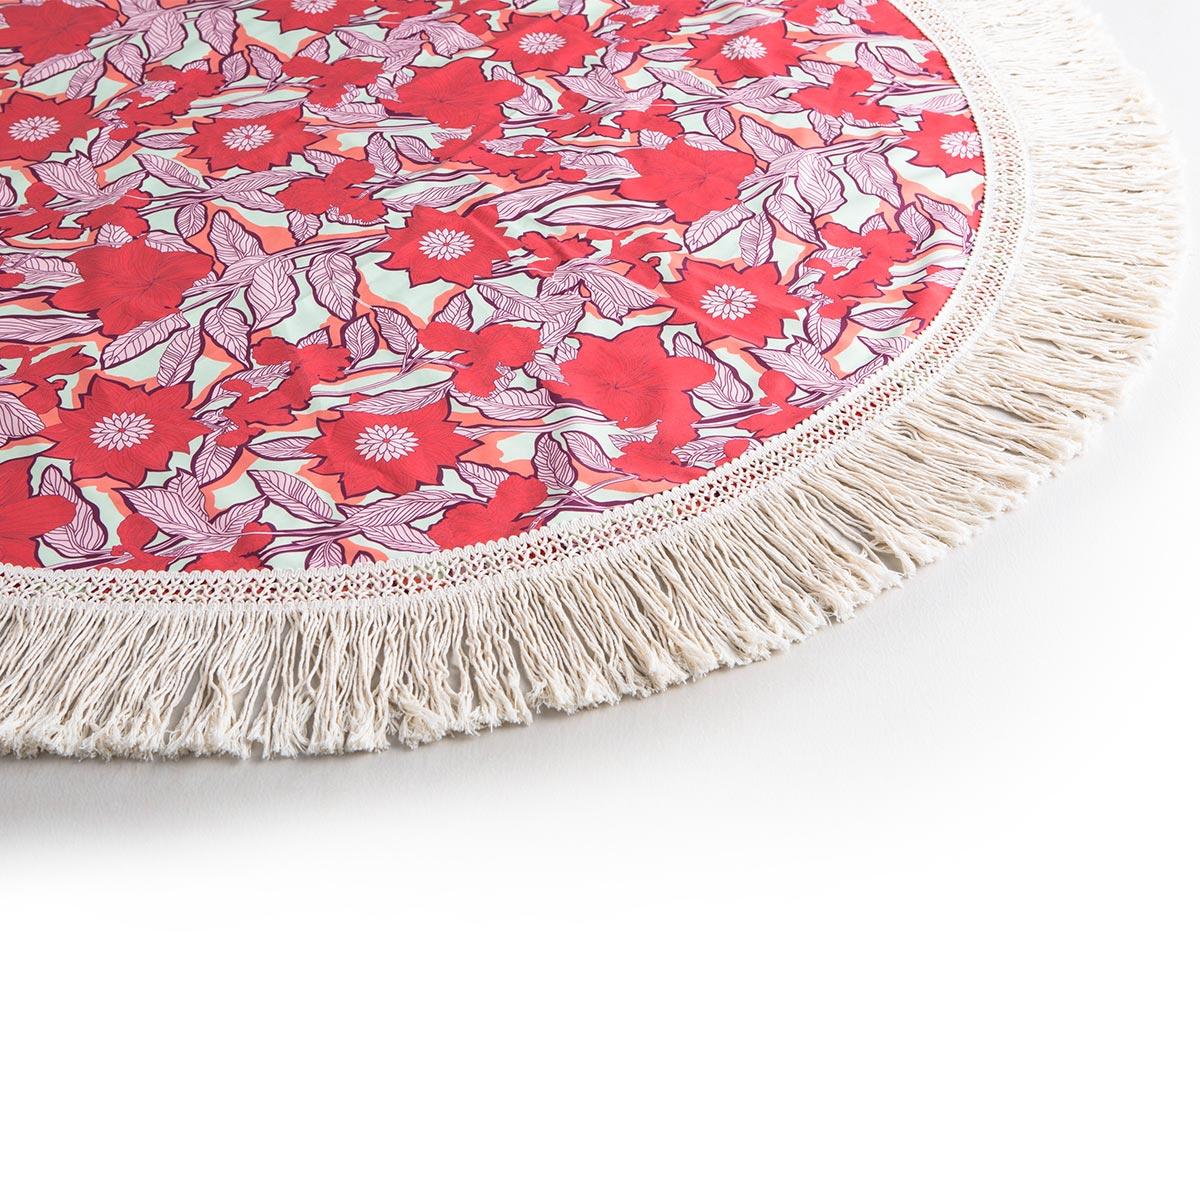 serviette de plage ronde franges nouvelle collection maaji. Black Bedroom Furniture Sets. Home Design Ideas